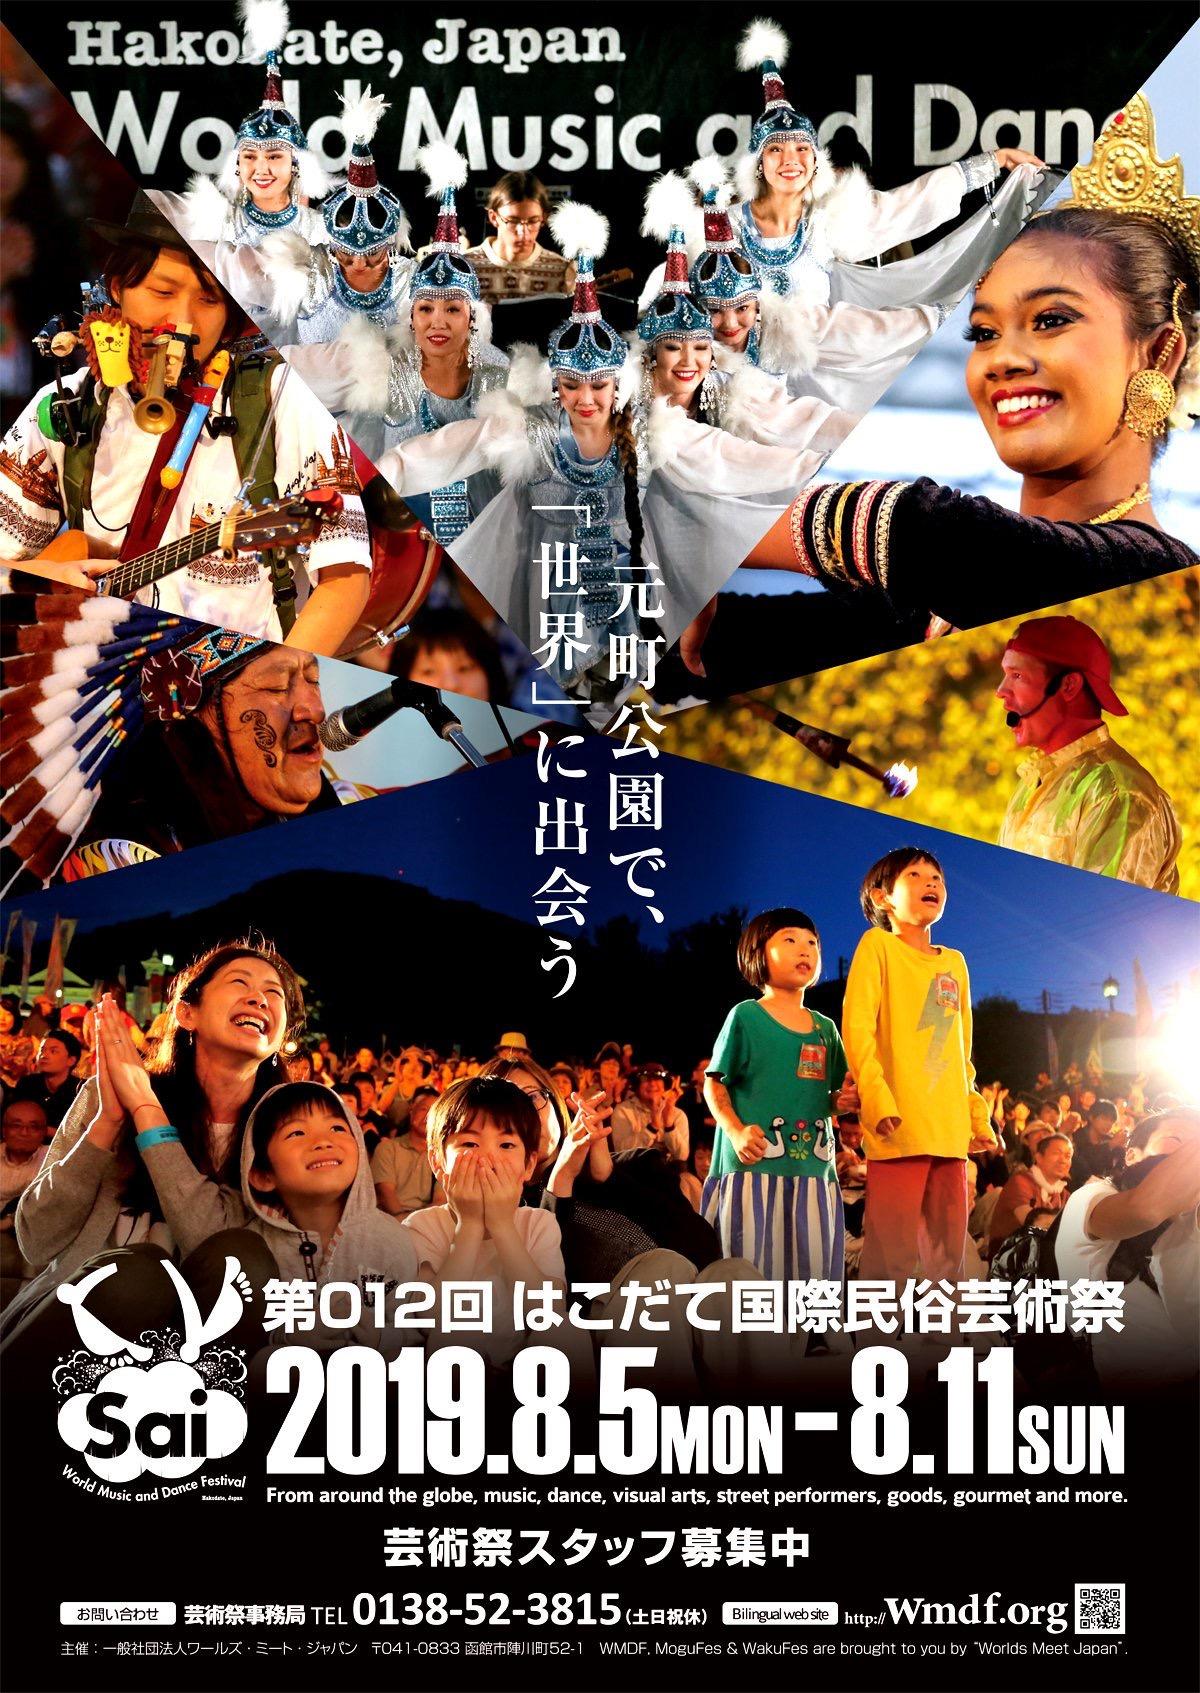 国際的な芸術祭に日本人唯一掲載!!